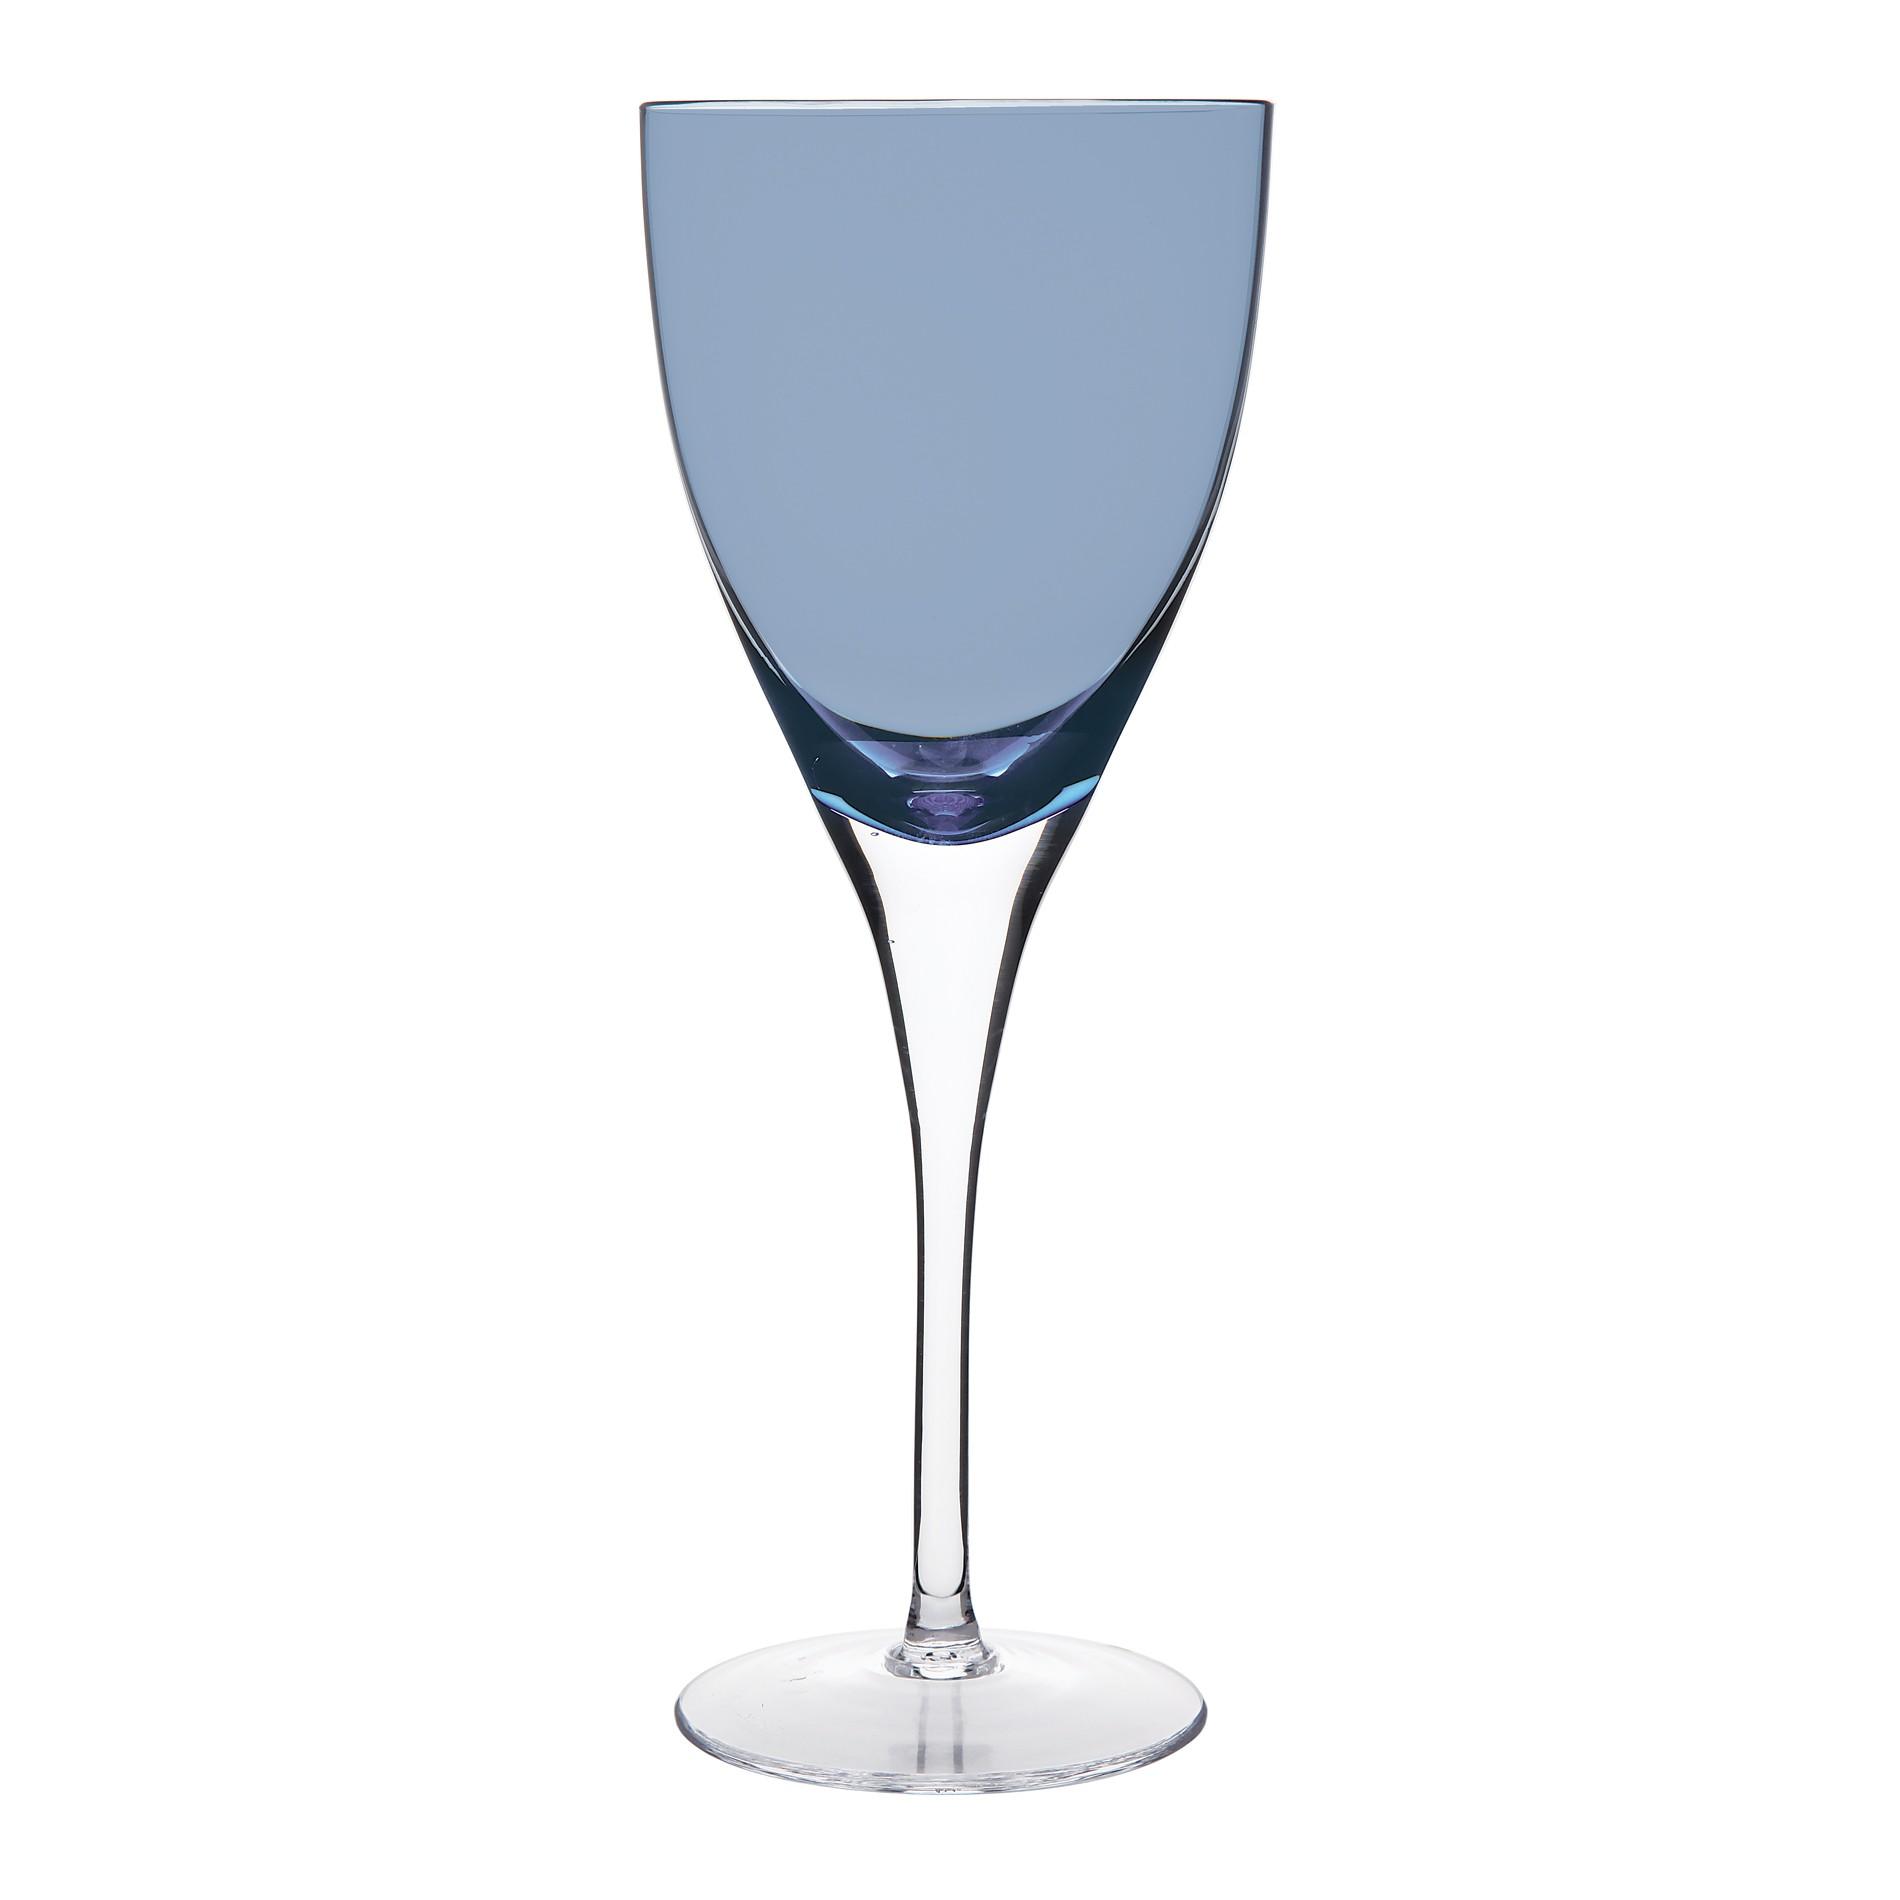 Ποτήρι Κρασιού Paradise Σετ 6Τμχ Μπλε 190ml Ionia home   ειδη σερβιρισματος   ποτήρια